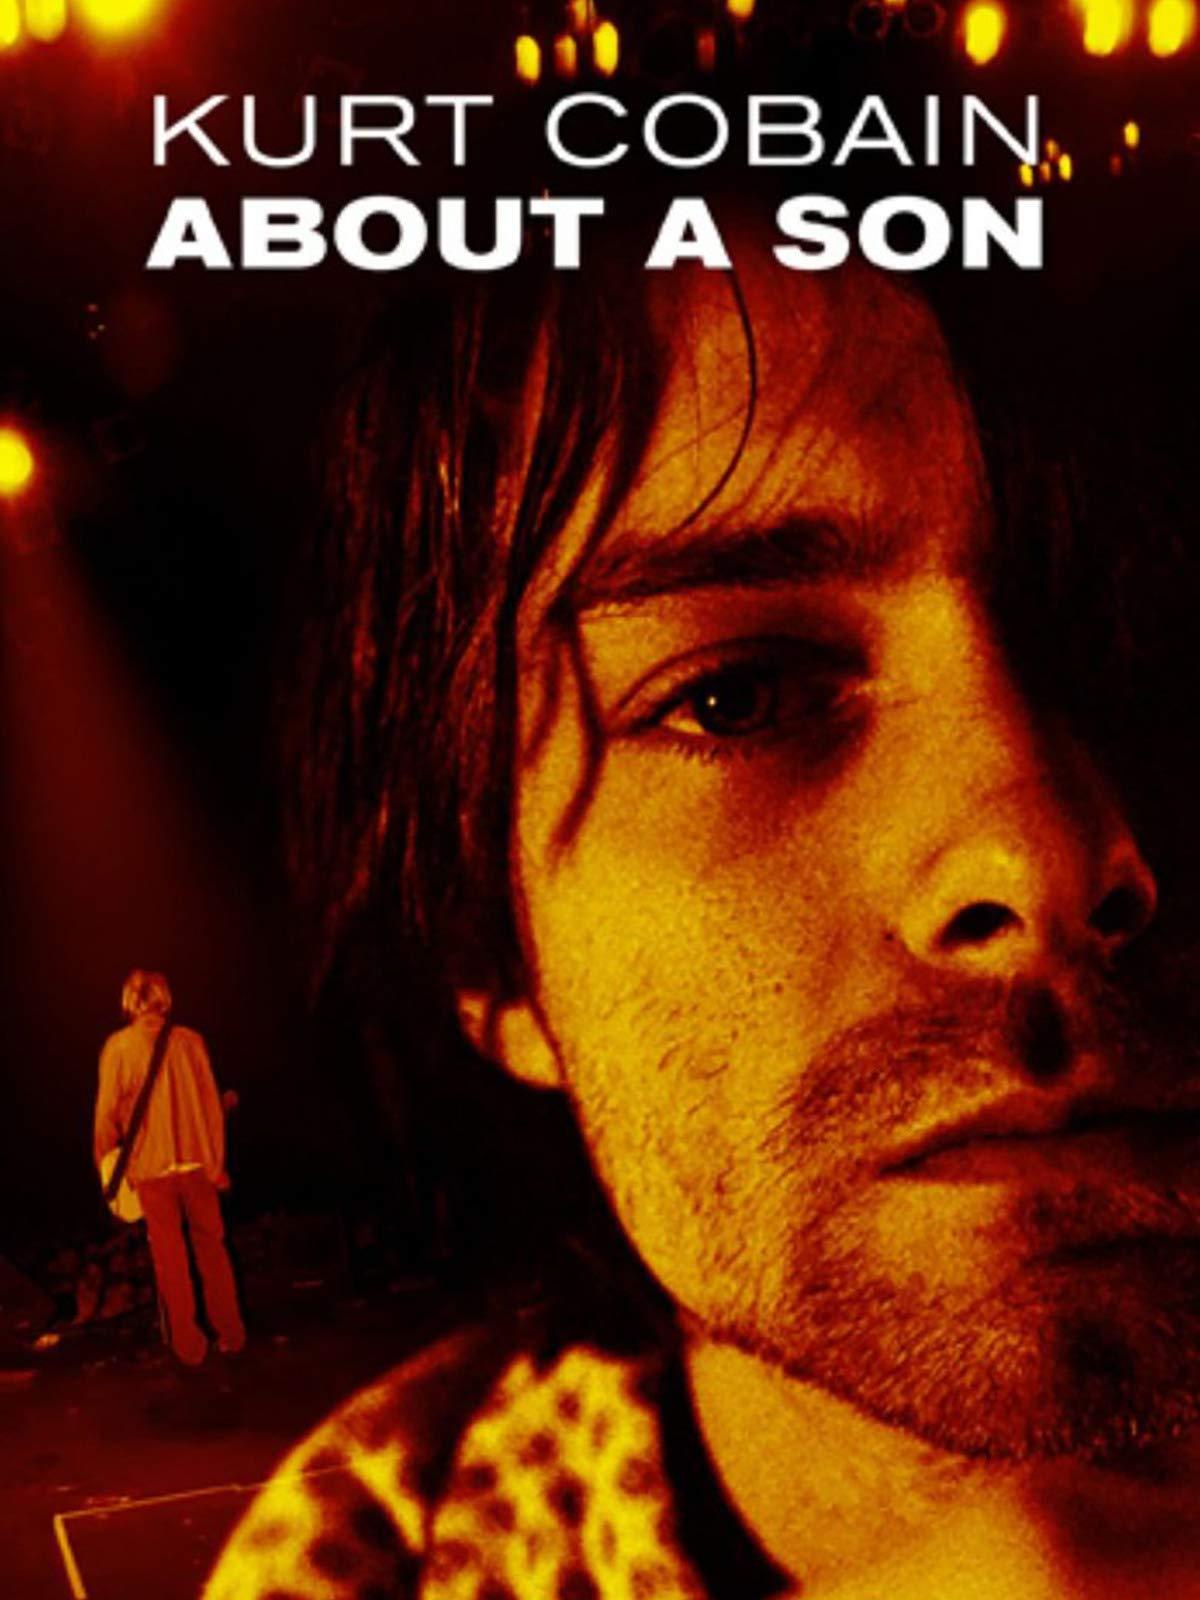 კურტ კობეინი : შვილის შესახებ,KURT COBAIN ABOUT A SON